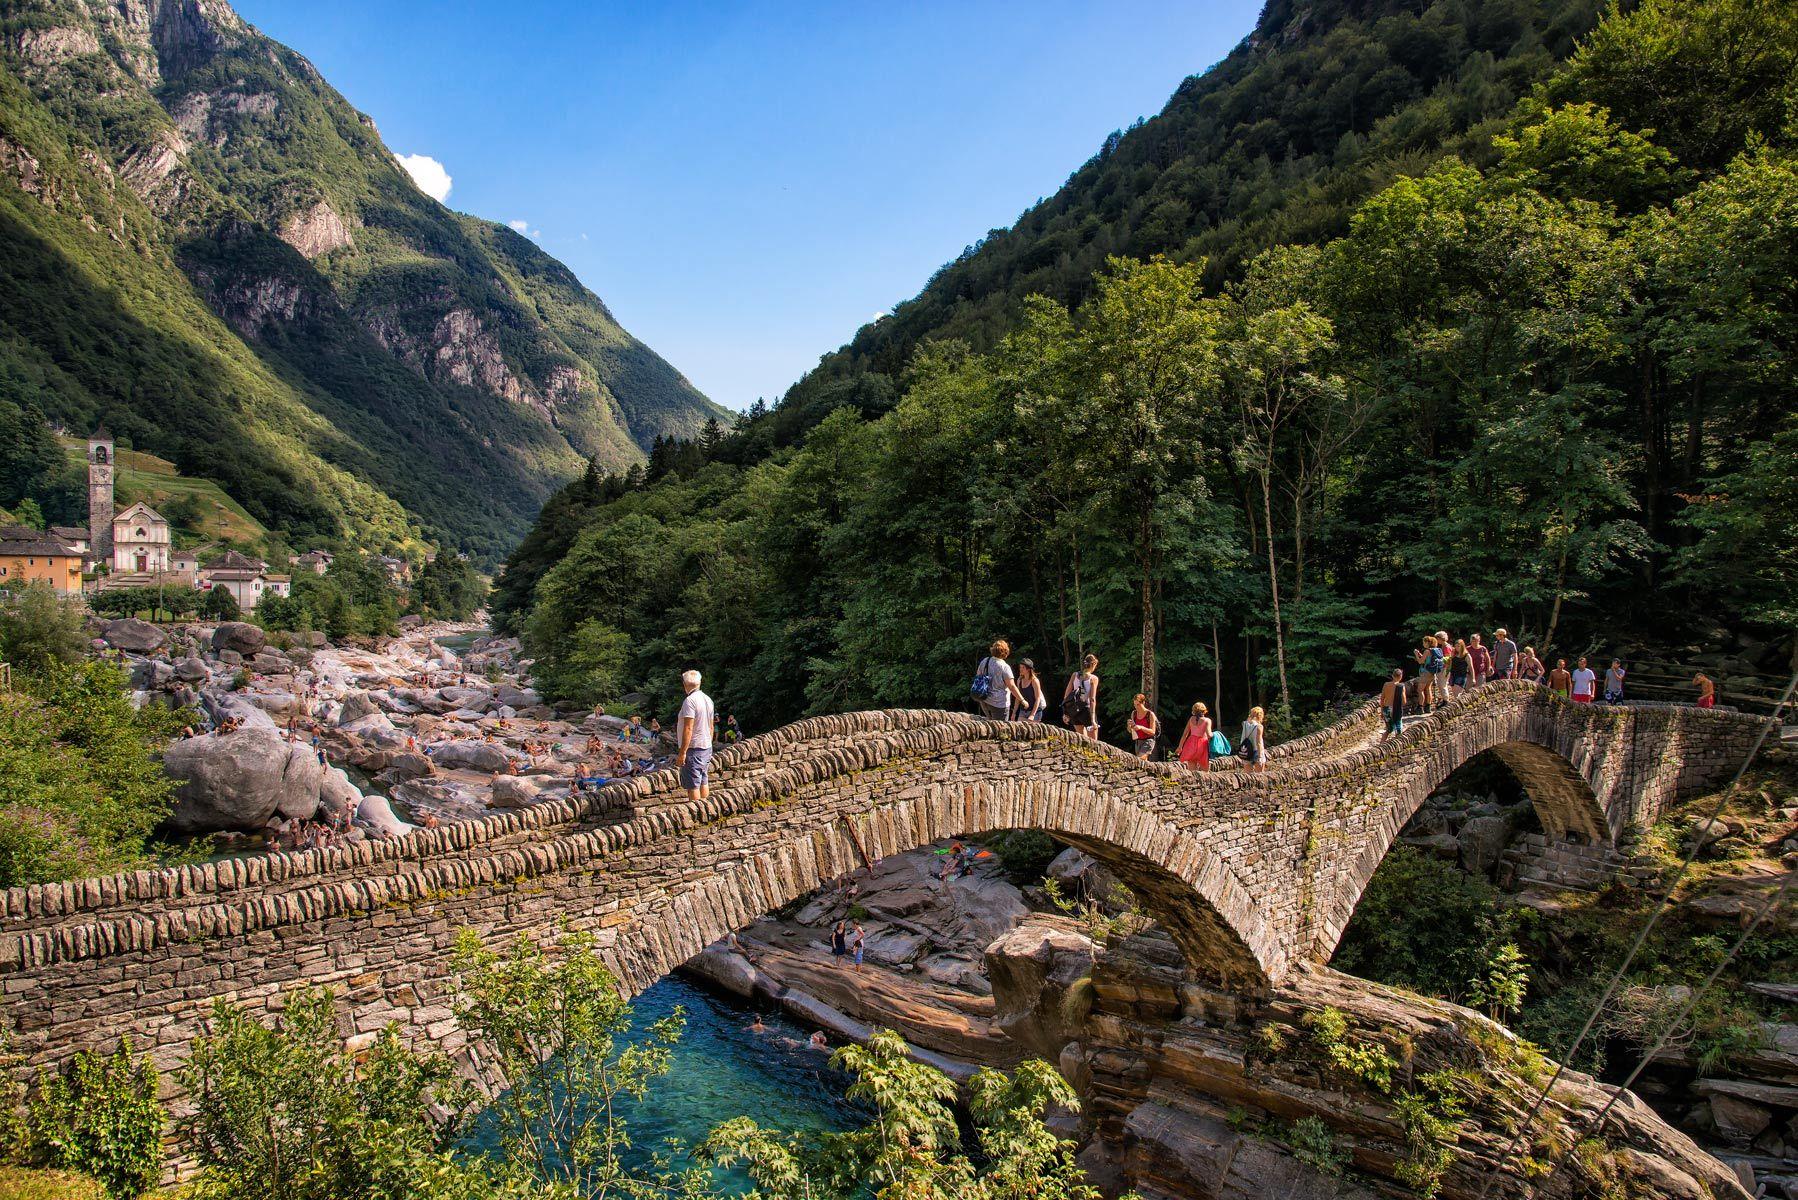 The road to Sonogno, Ticino Region, Switzerland